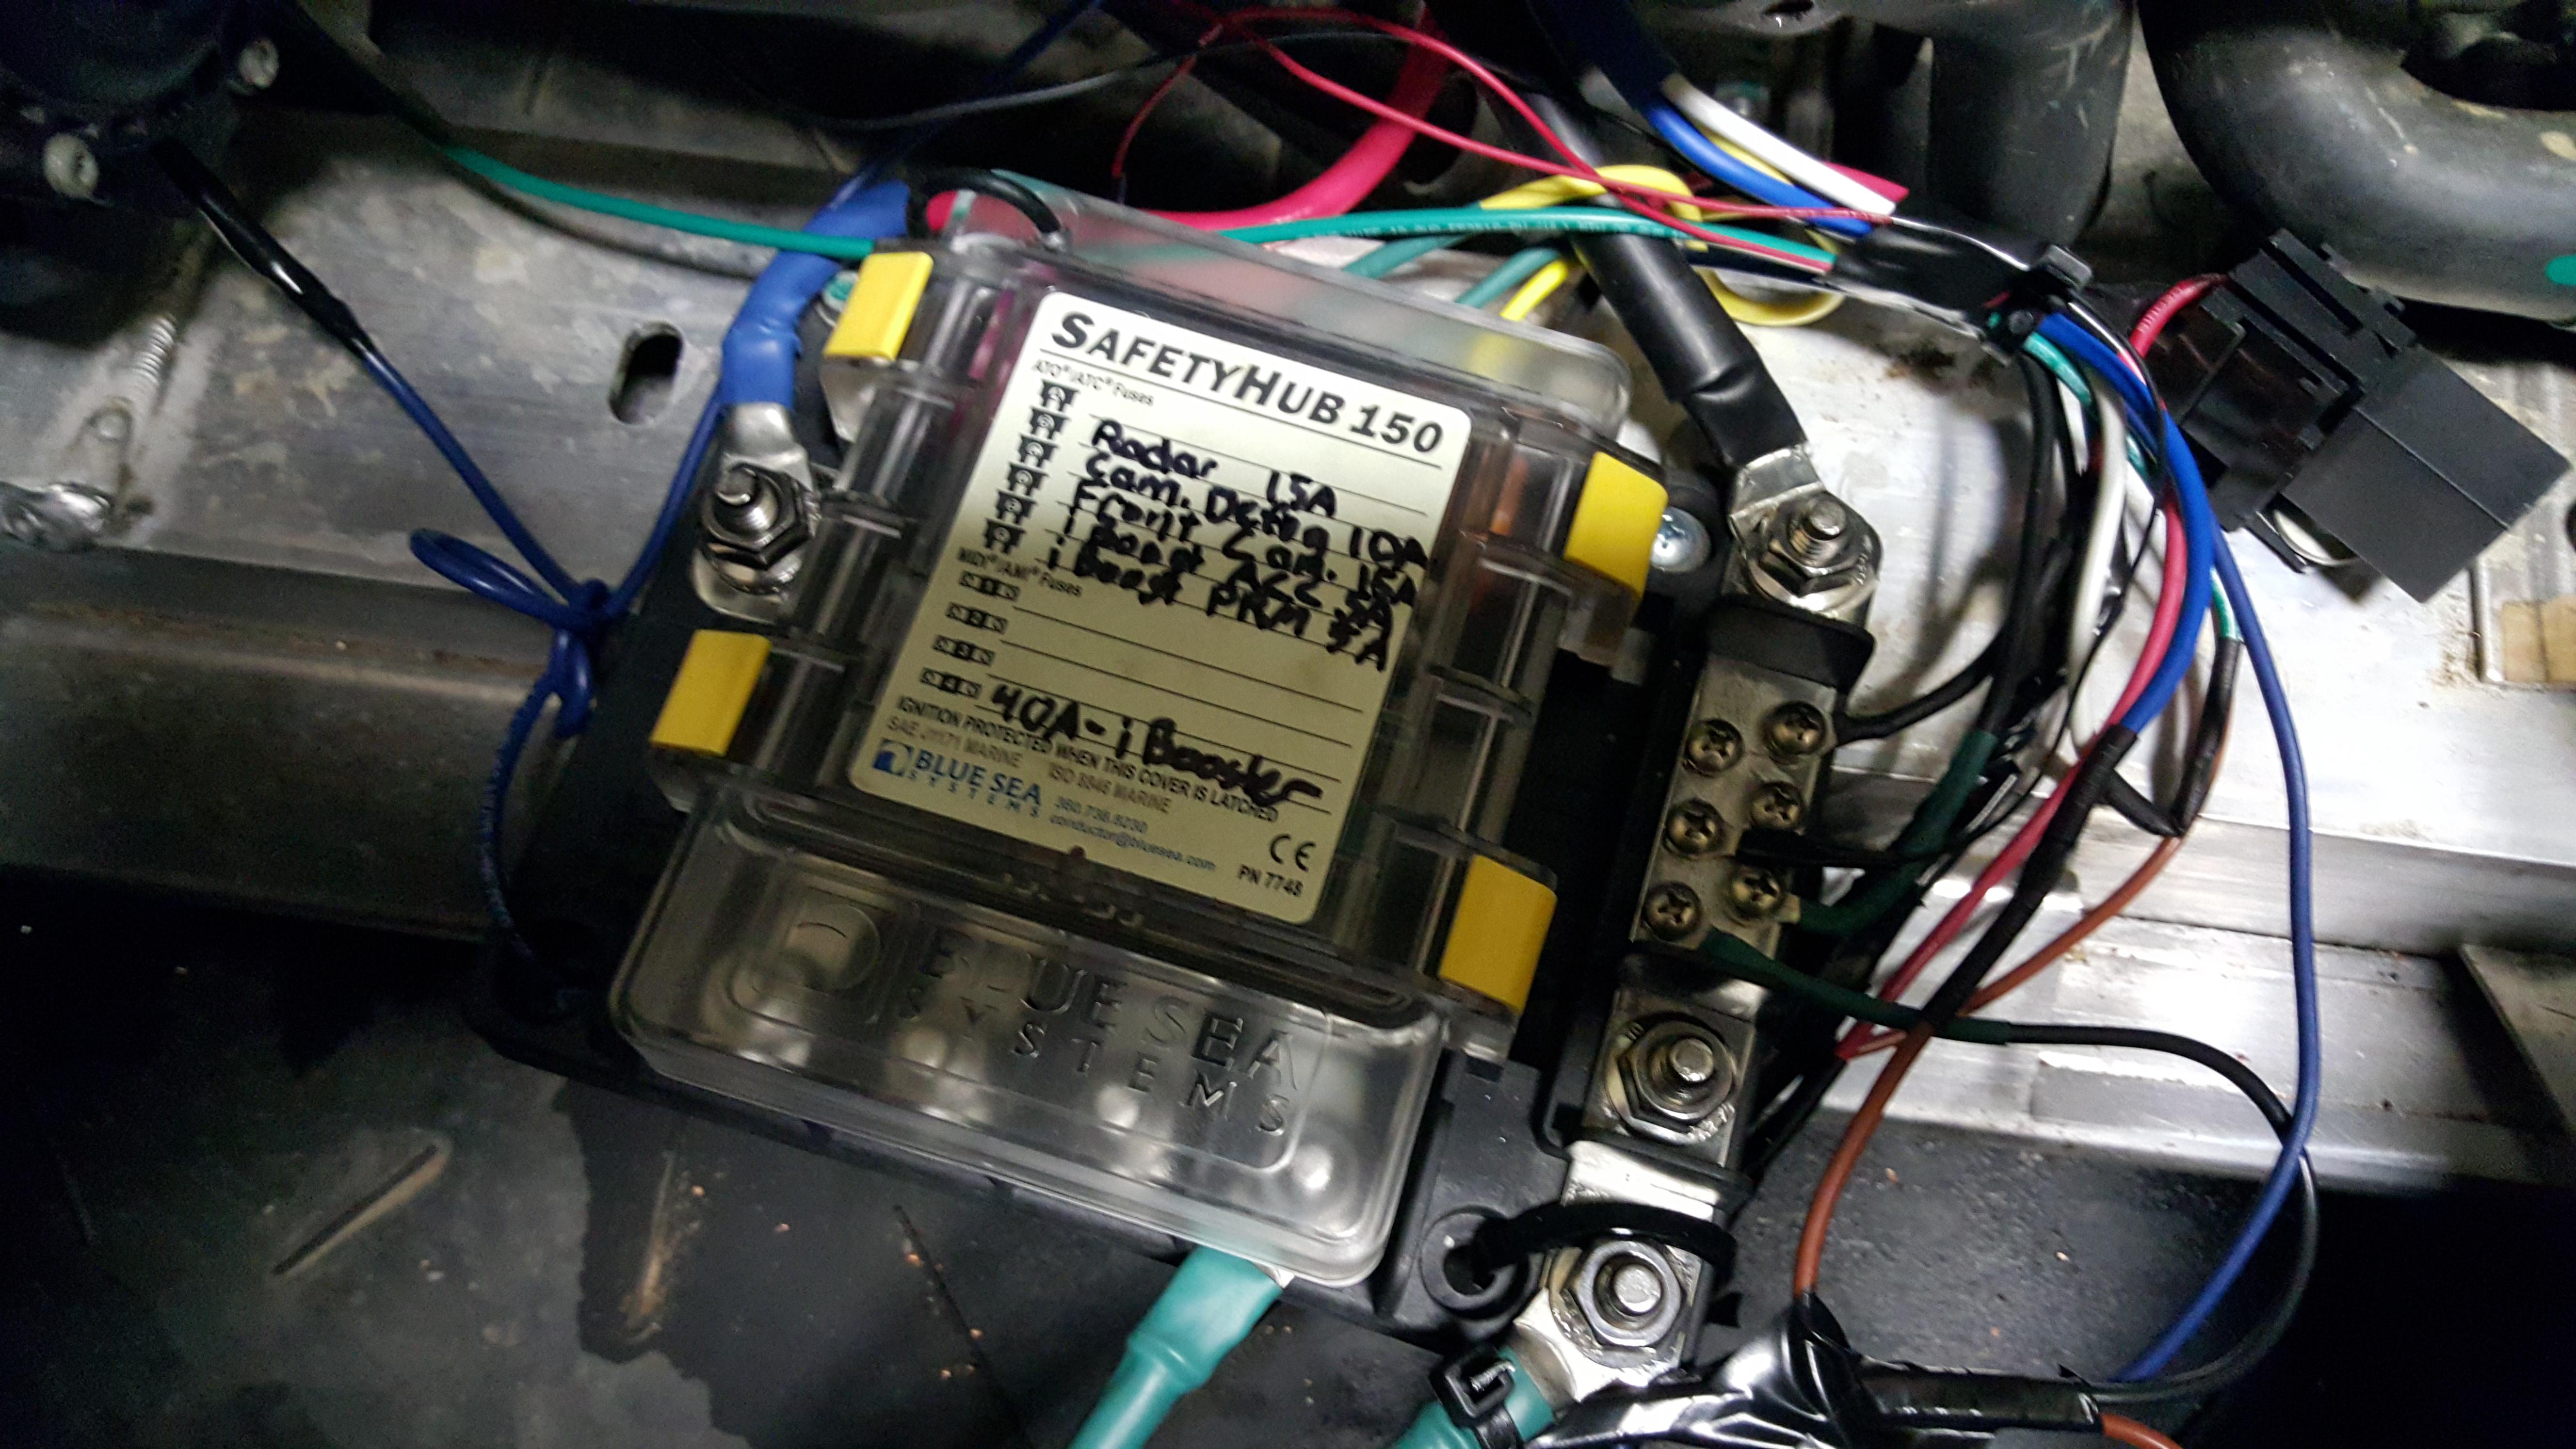 2016 05 06 00.35 New aux fuse box autopilot retrofit on classic p85 wk057's skienet tesla model s fuse box at gsmx.co